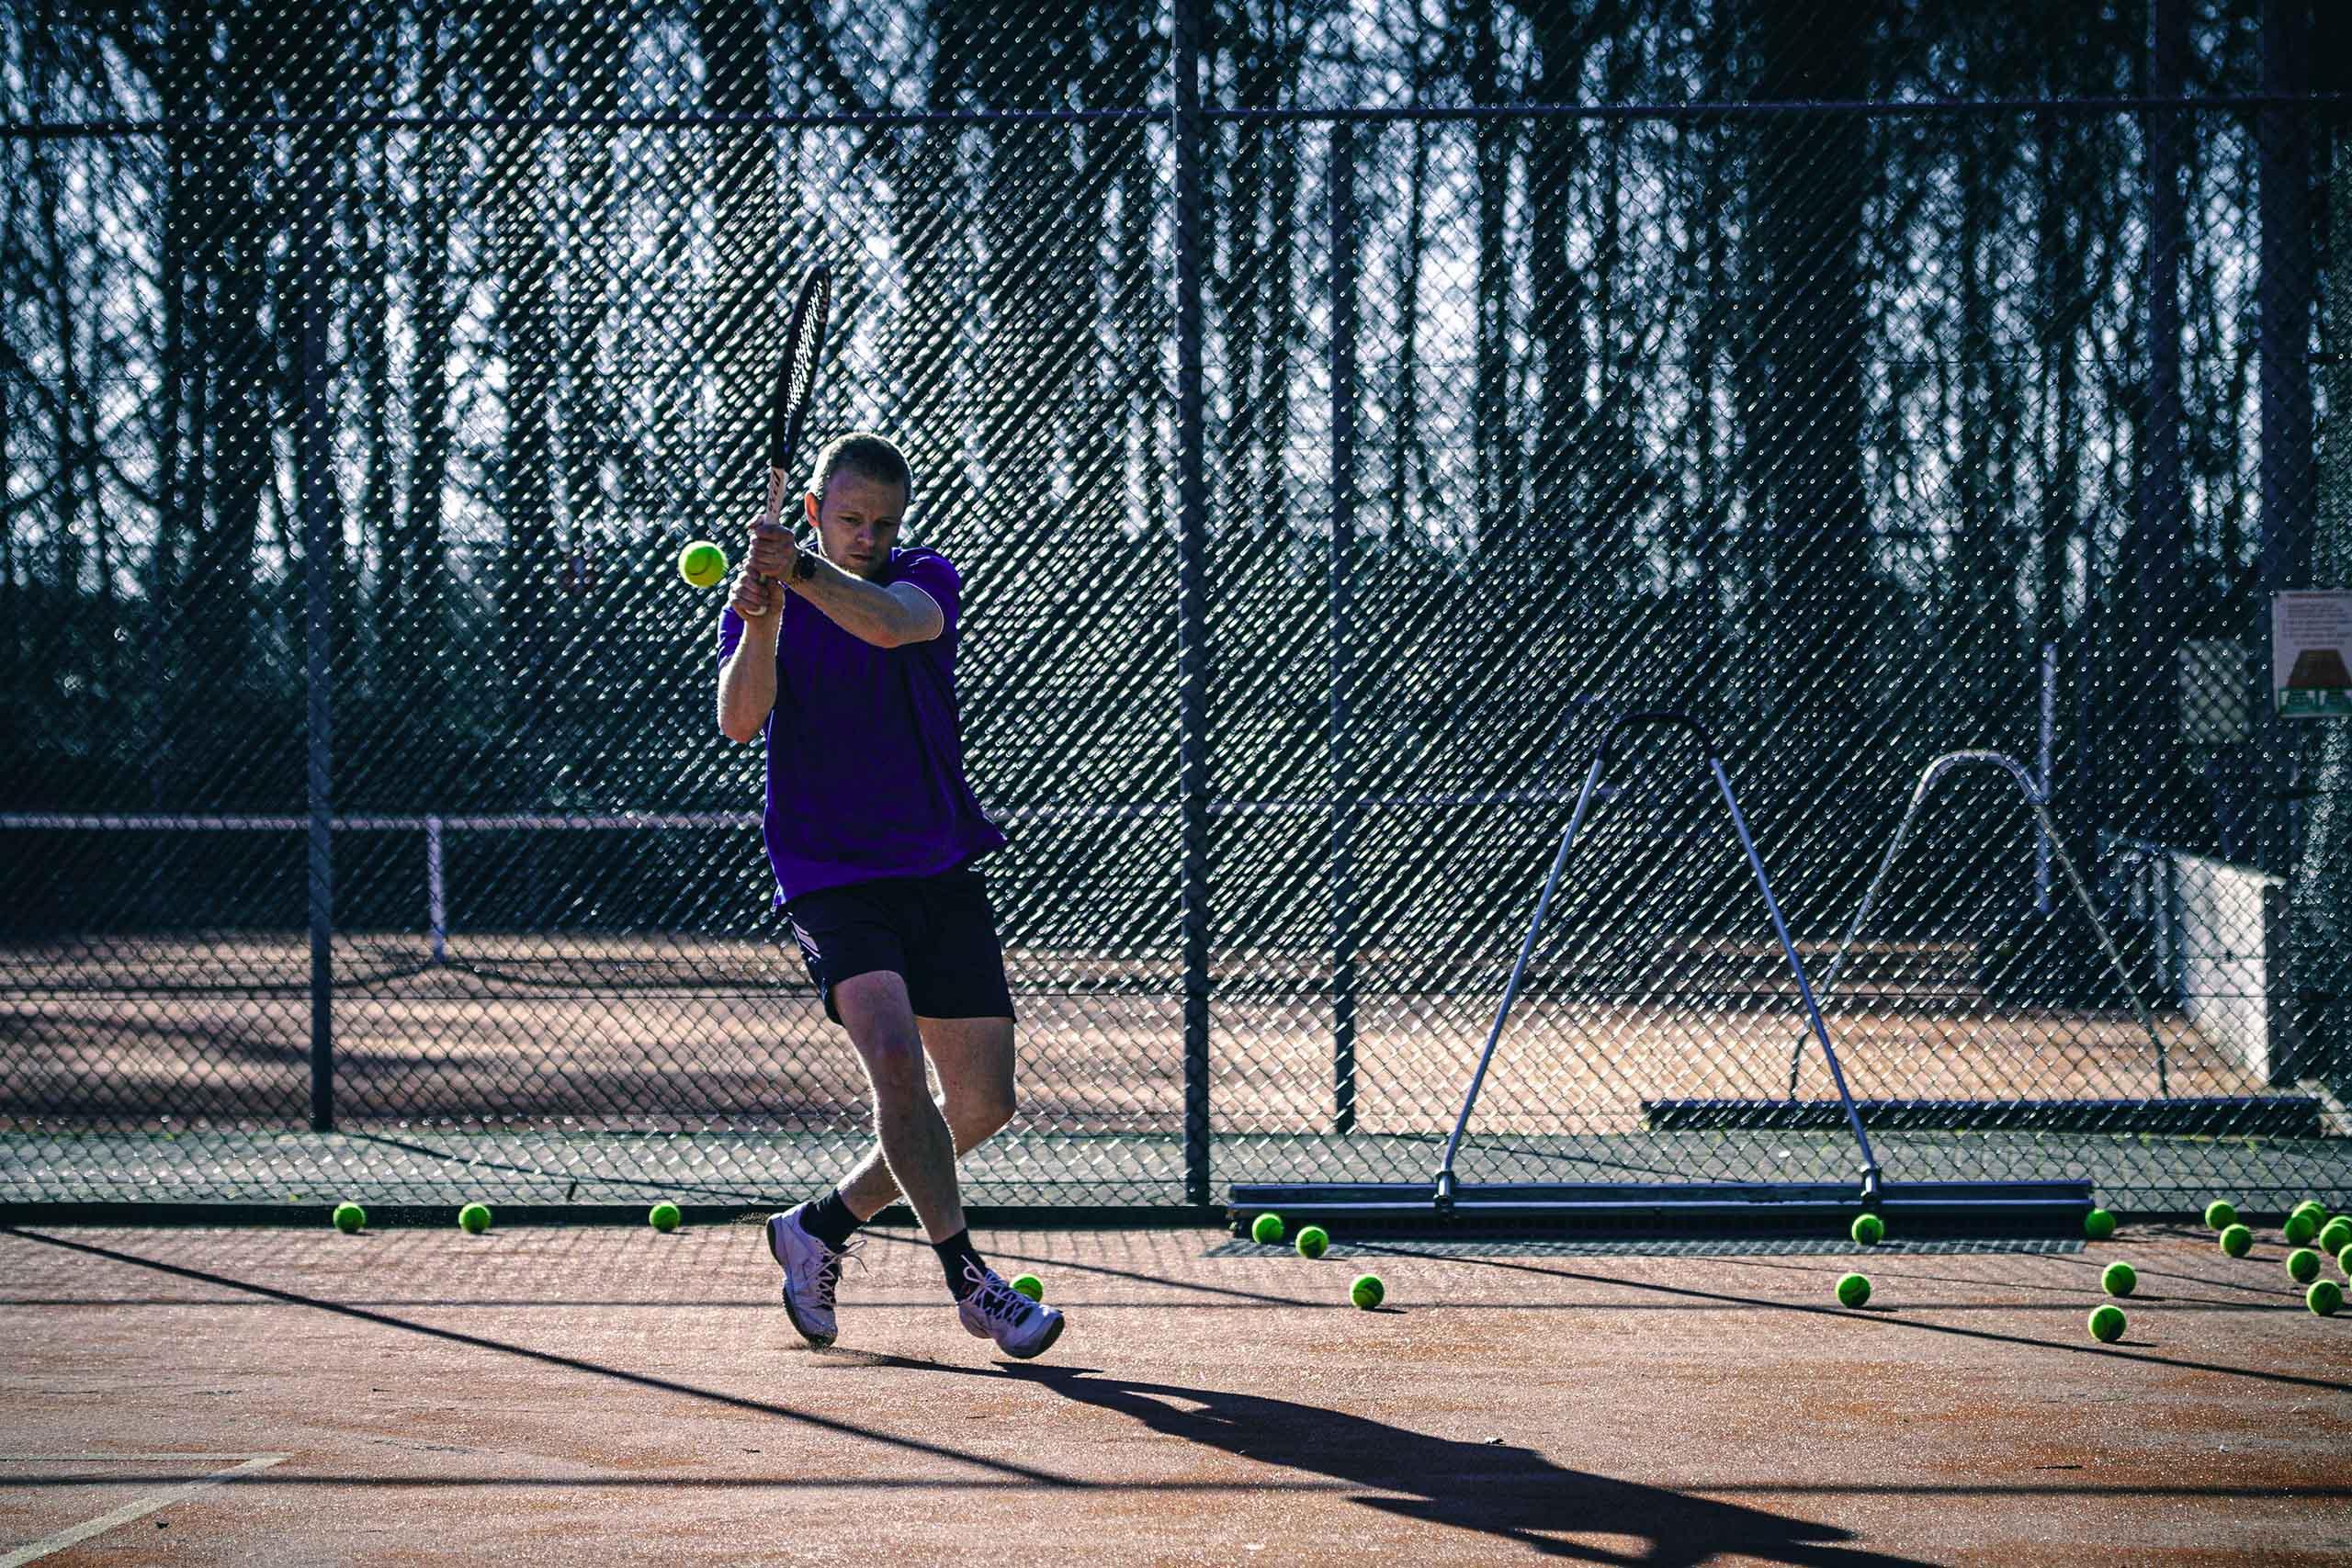 verschillende tennis ondergronden